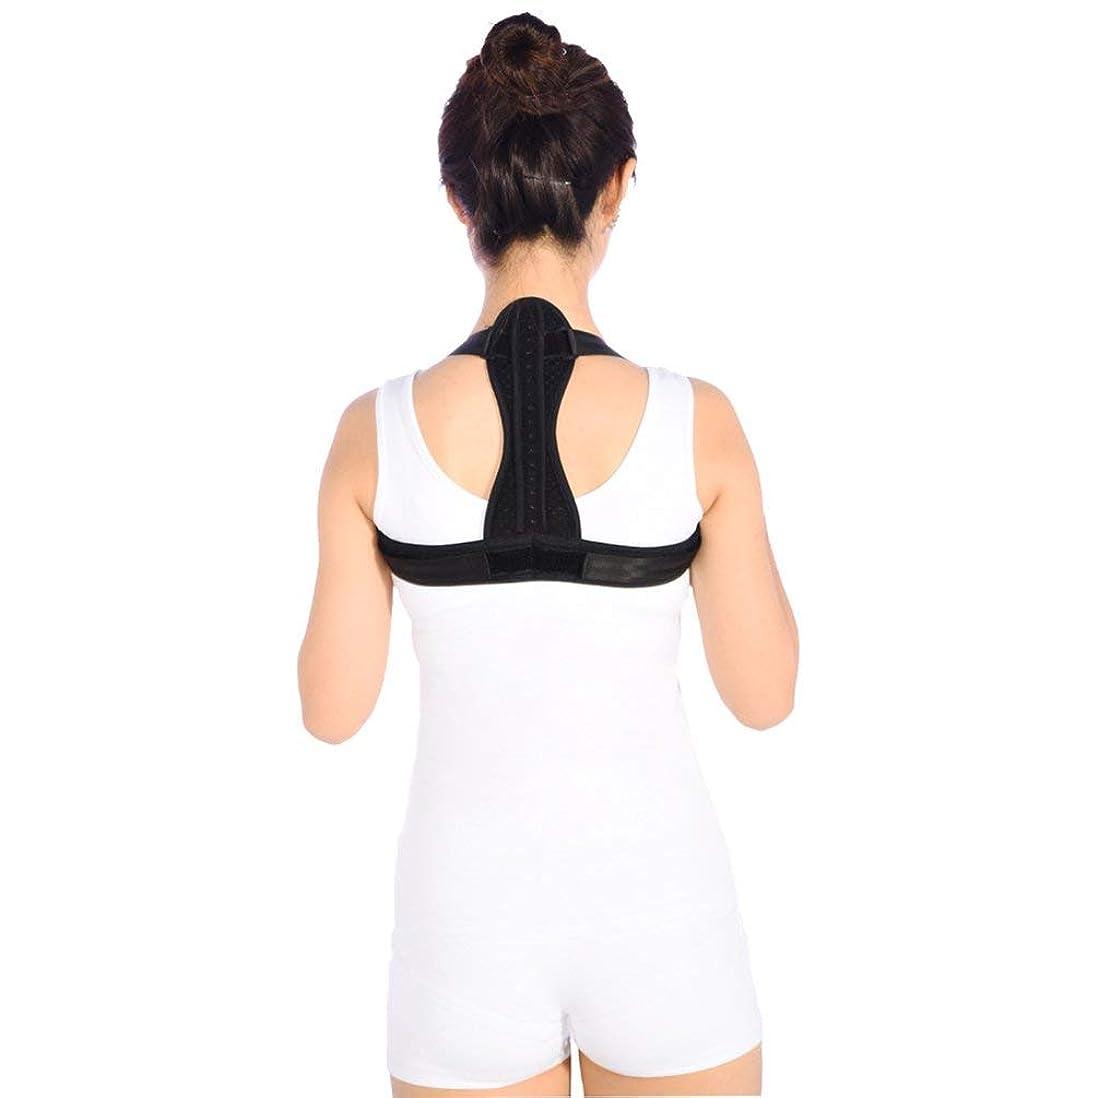 作る肌調子通気性の脊柱側弯症ザトウクジラ補正ベルト調節可能な快適さ目に見えないベルト男性女性大人学生子供 - 黒